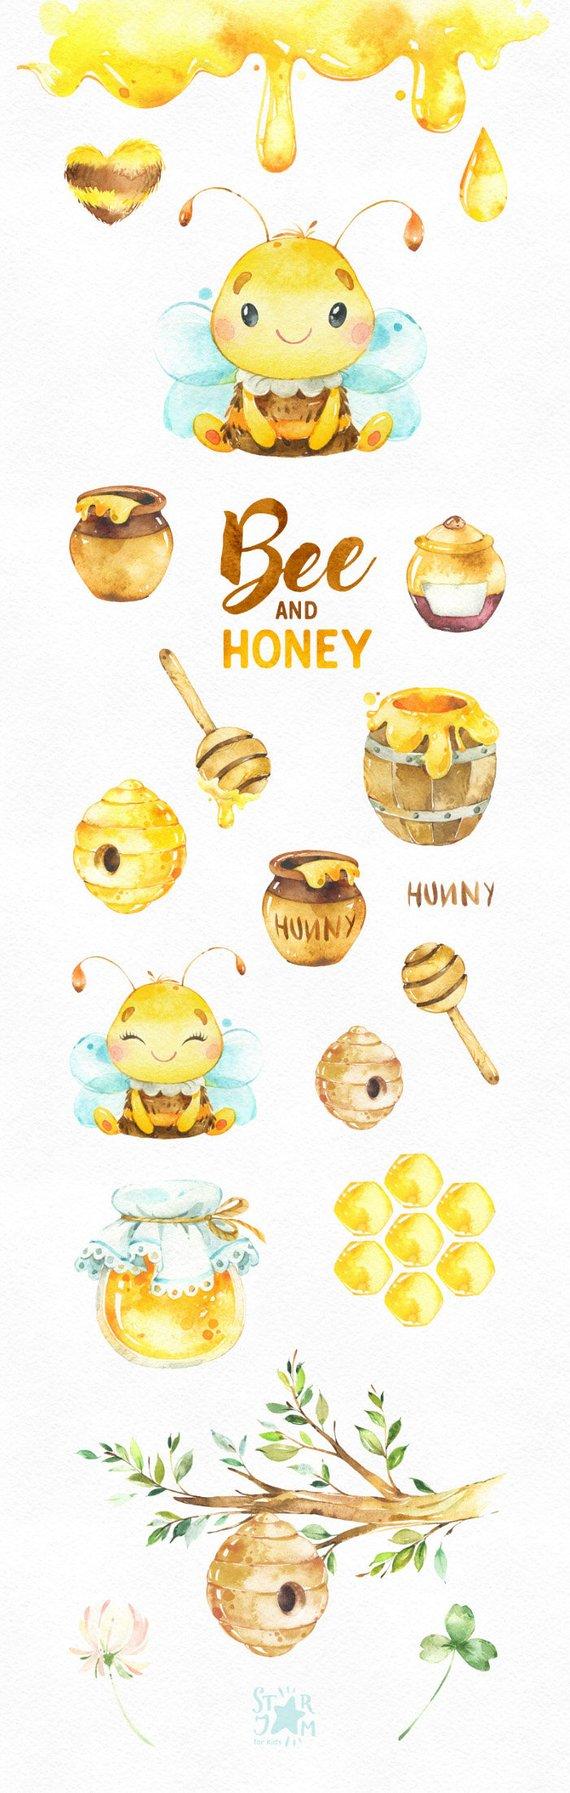 Photo of Ape e miele. Clipart dell'acquerello, corona, vaso di miele, nido d'ape, alveare, scuola materna, natura, baby shower, calabrone, biglietto di auguri, bambino, bambini